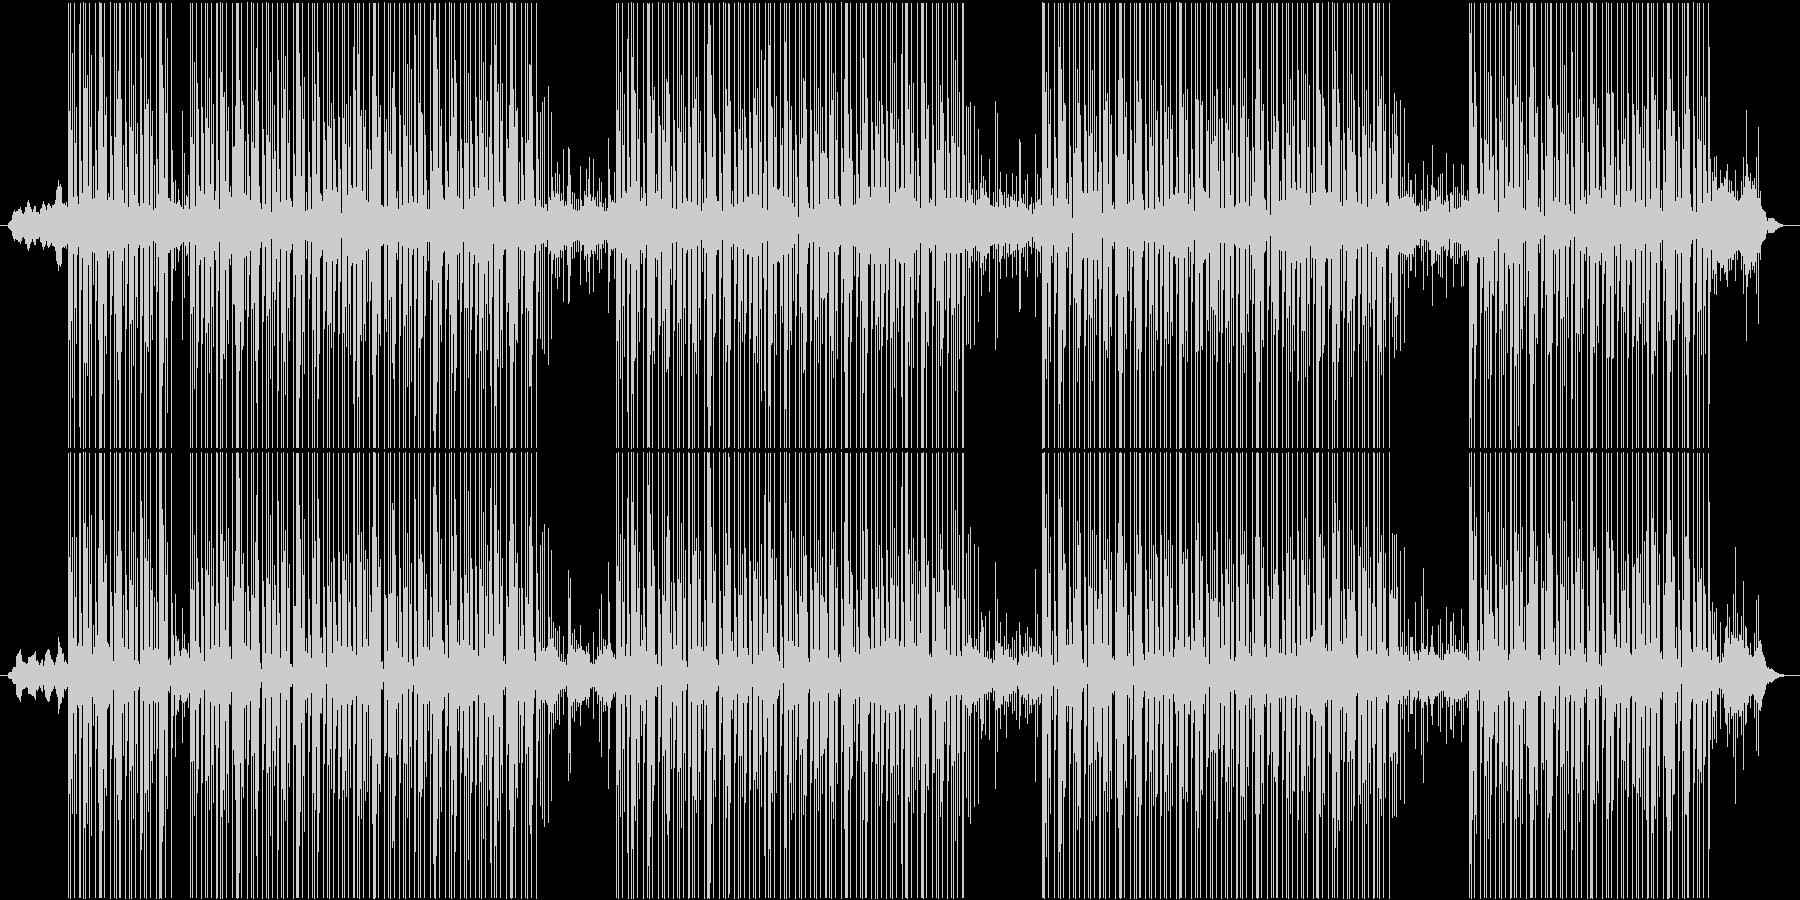 怪しい雰囲気のBGMの未再生の波形